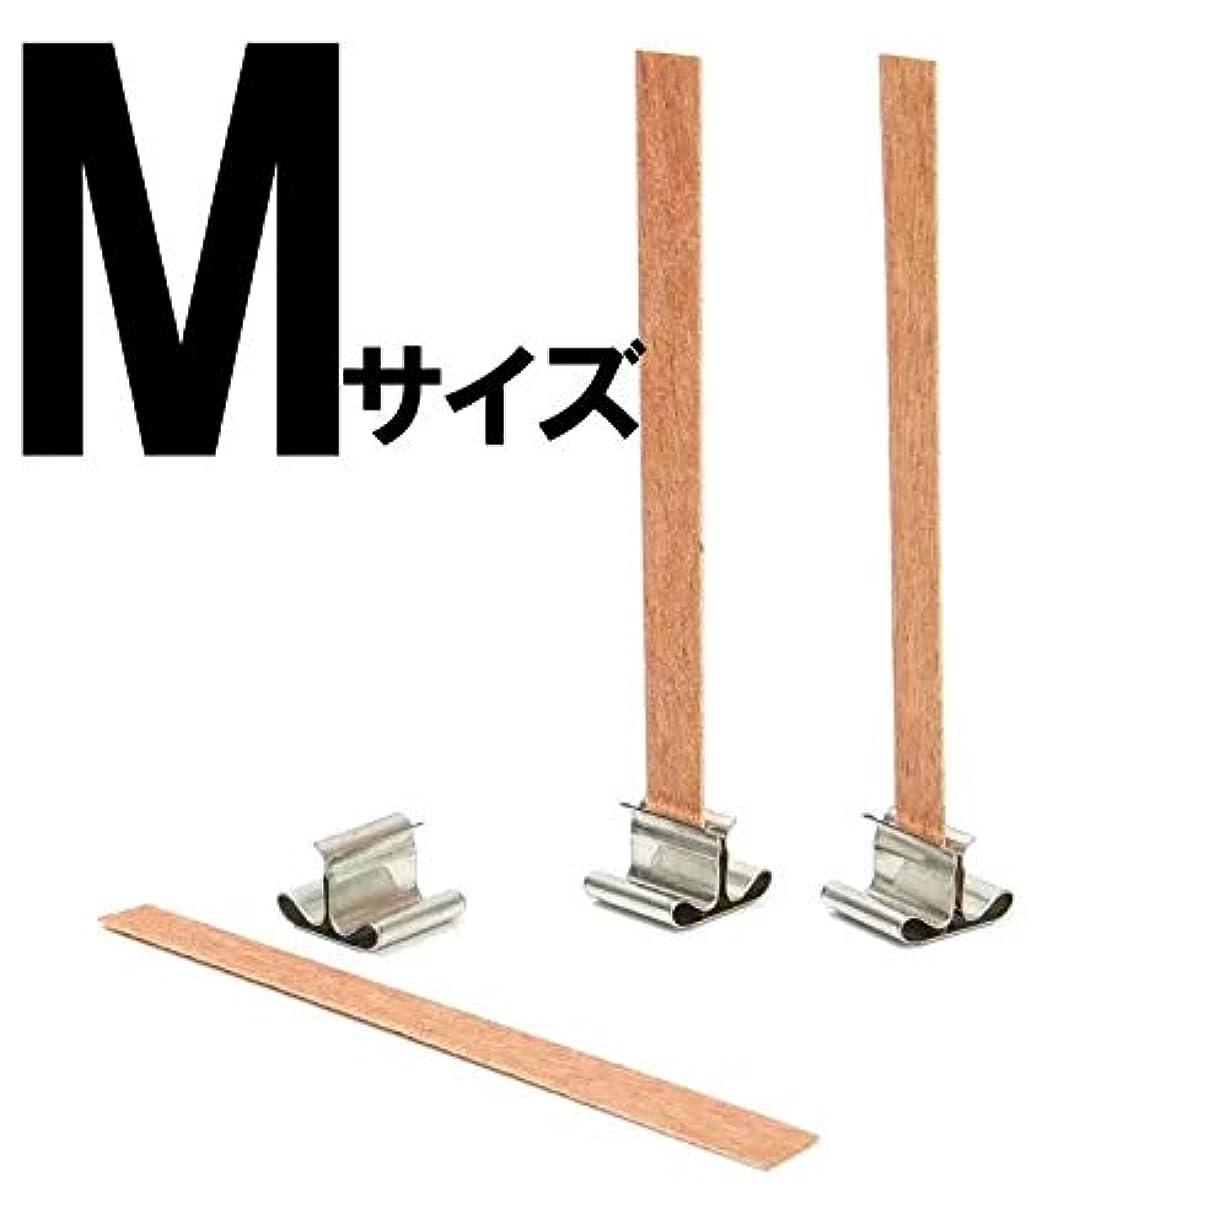 中毒レイアギャンブルキャンドル用 木芯 ウッドウィック 座金付き Mサイズ (5本セット)